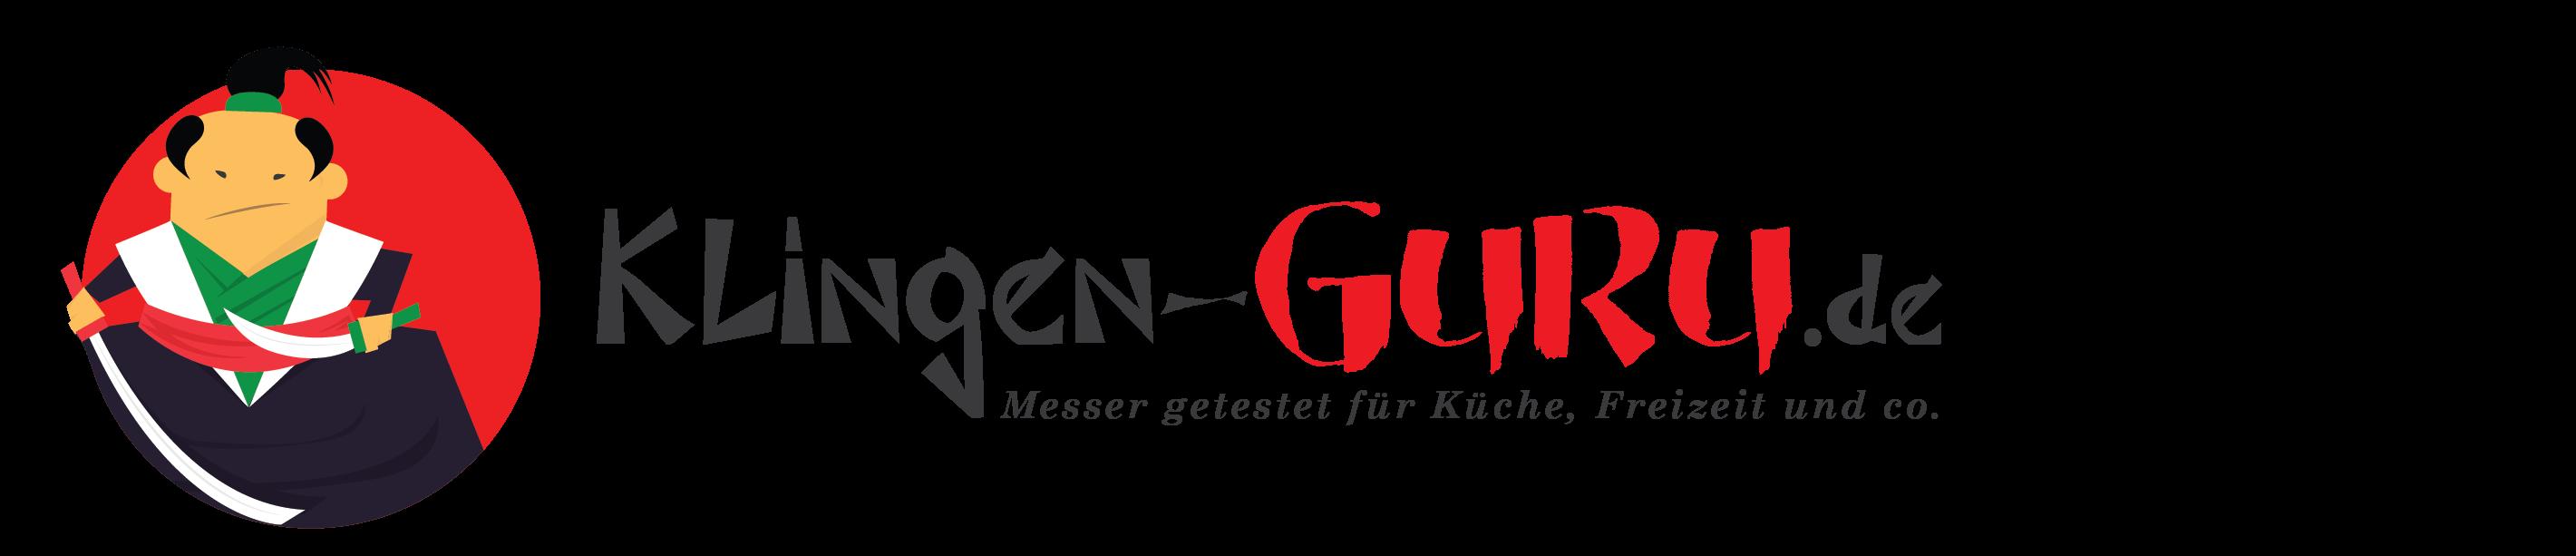 klingen-guru.de